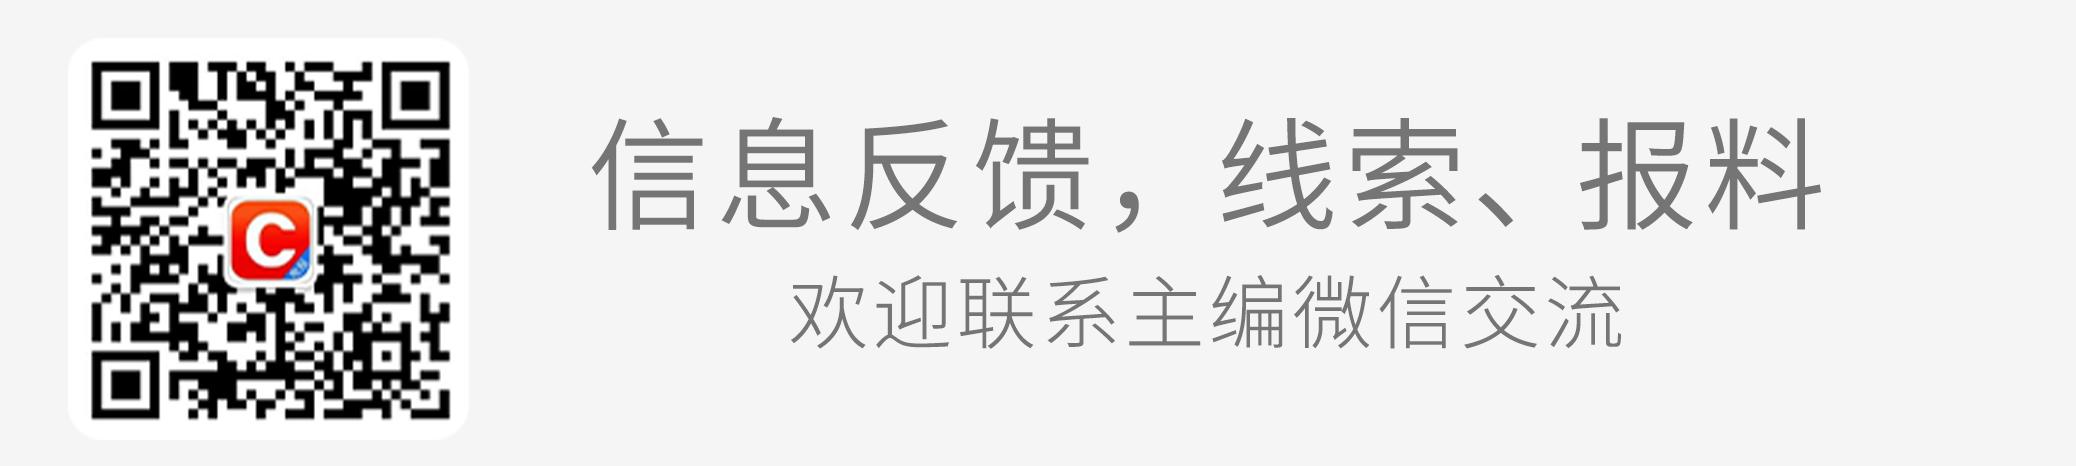 财联社保险早会(7月7日)